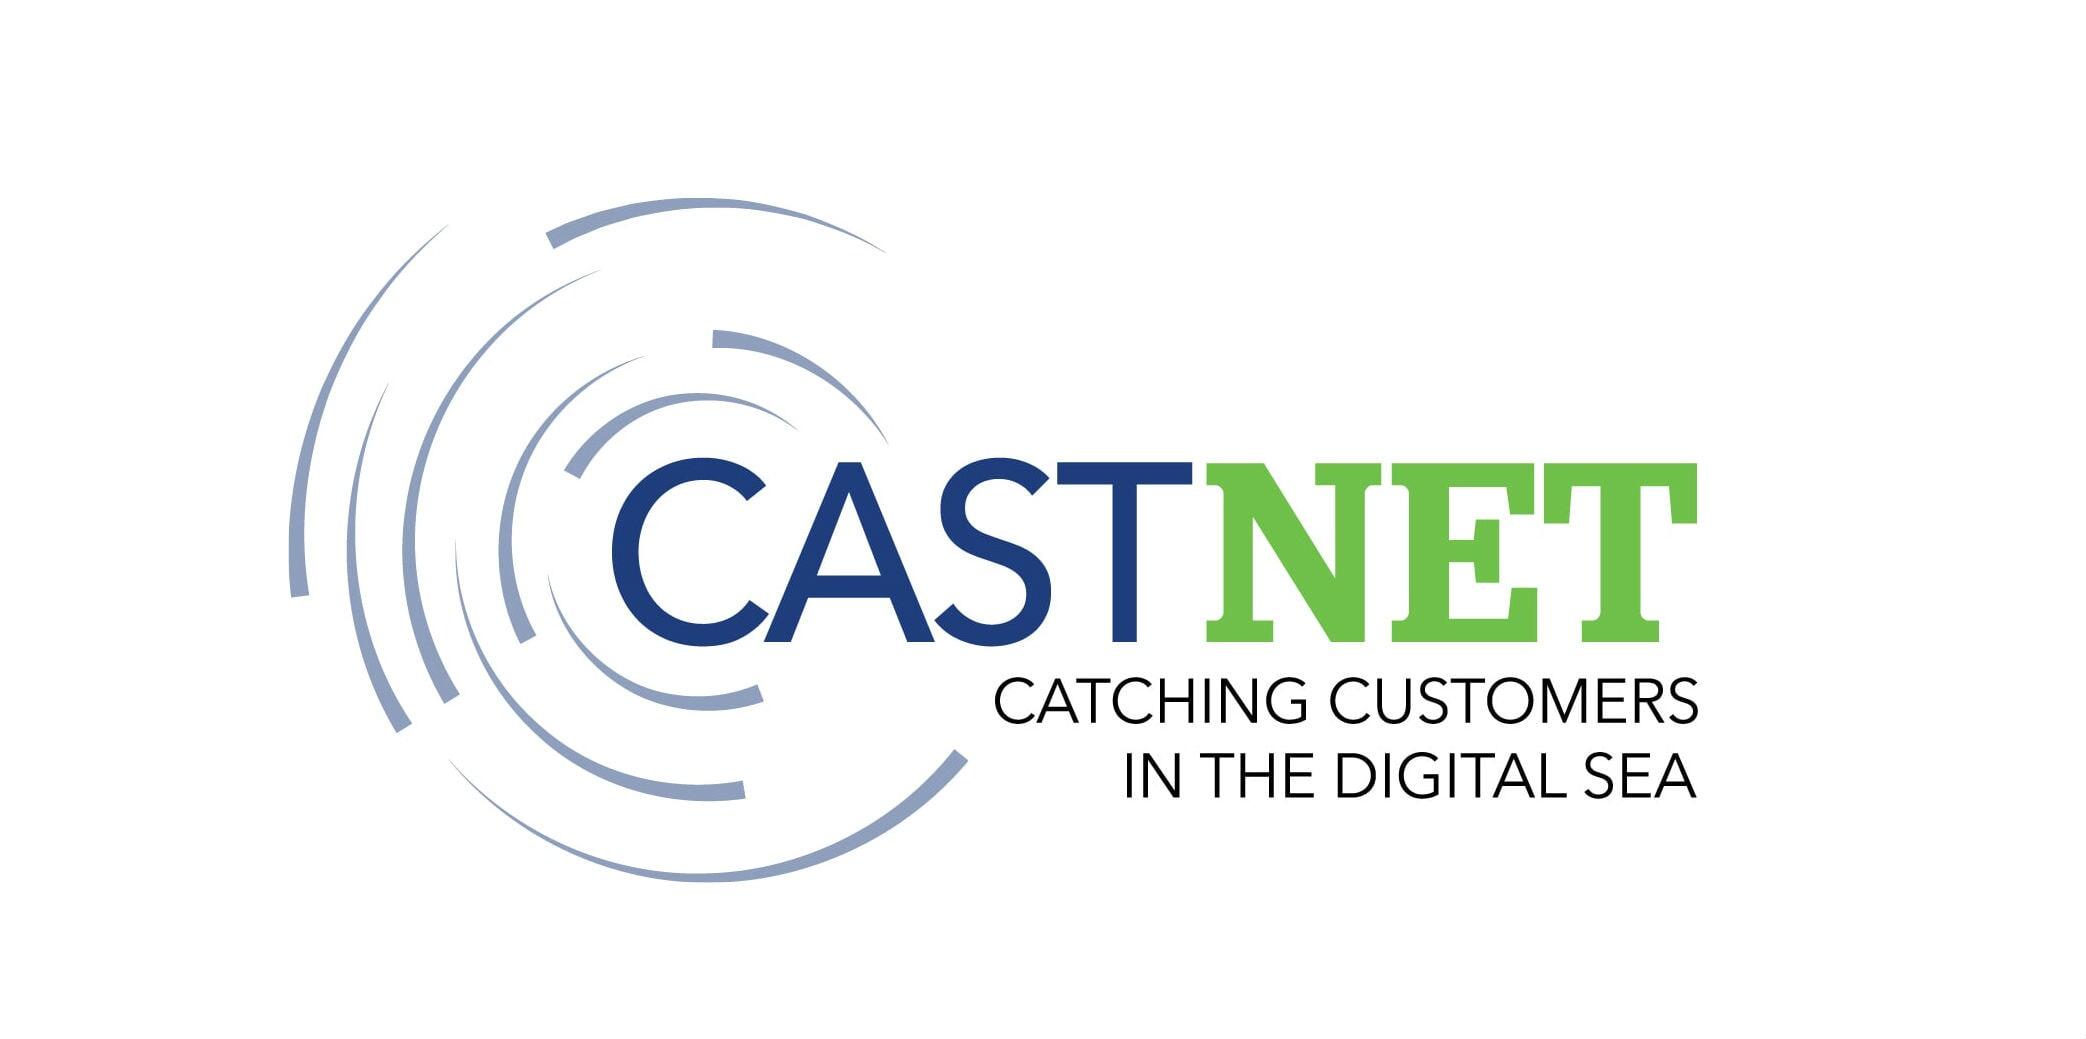 Castnet Media